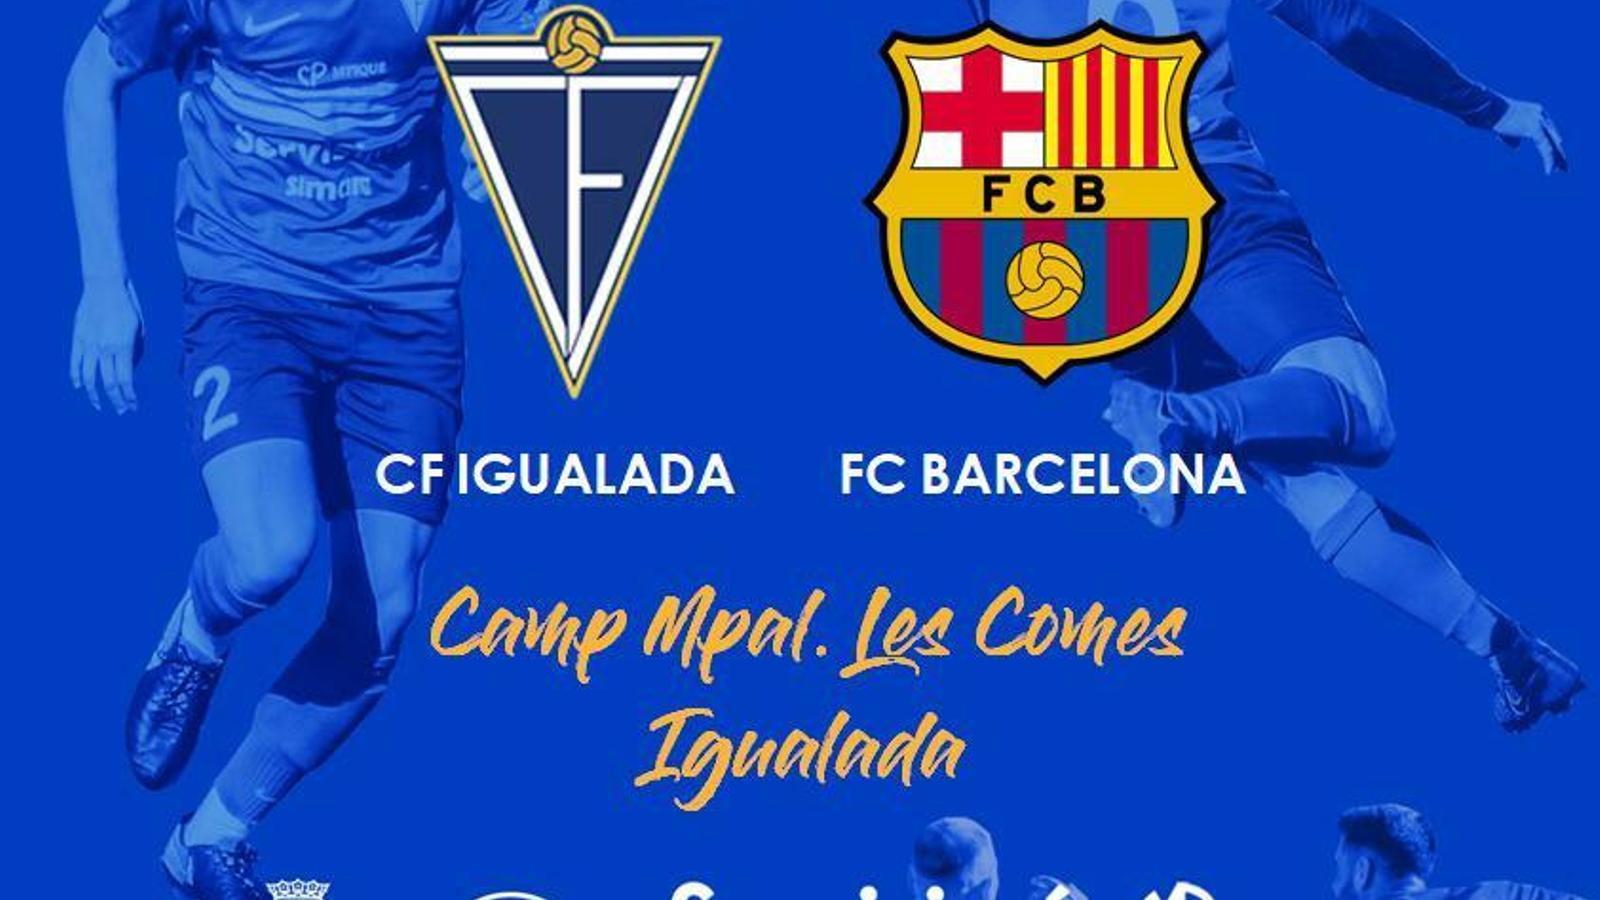 Imatge promocional del partit benèfic entre l'Igualada i el Barça